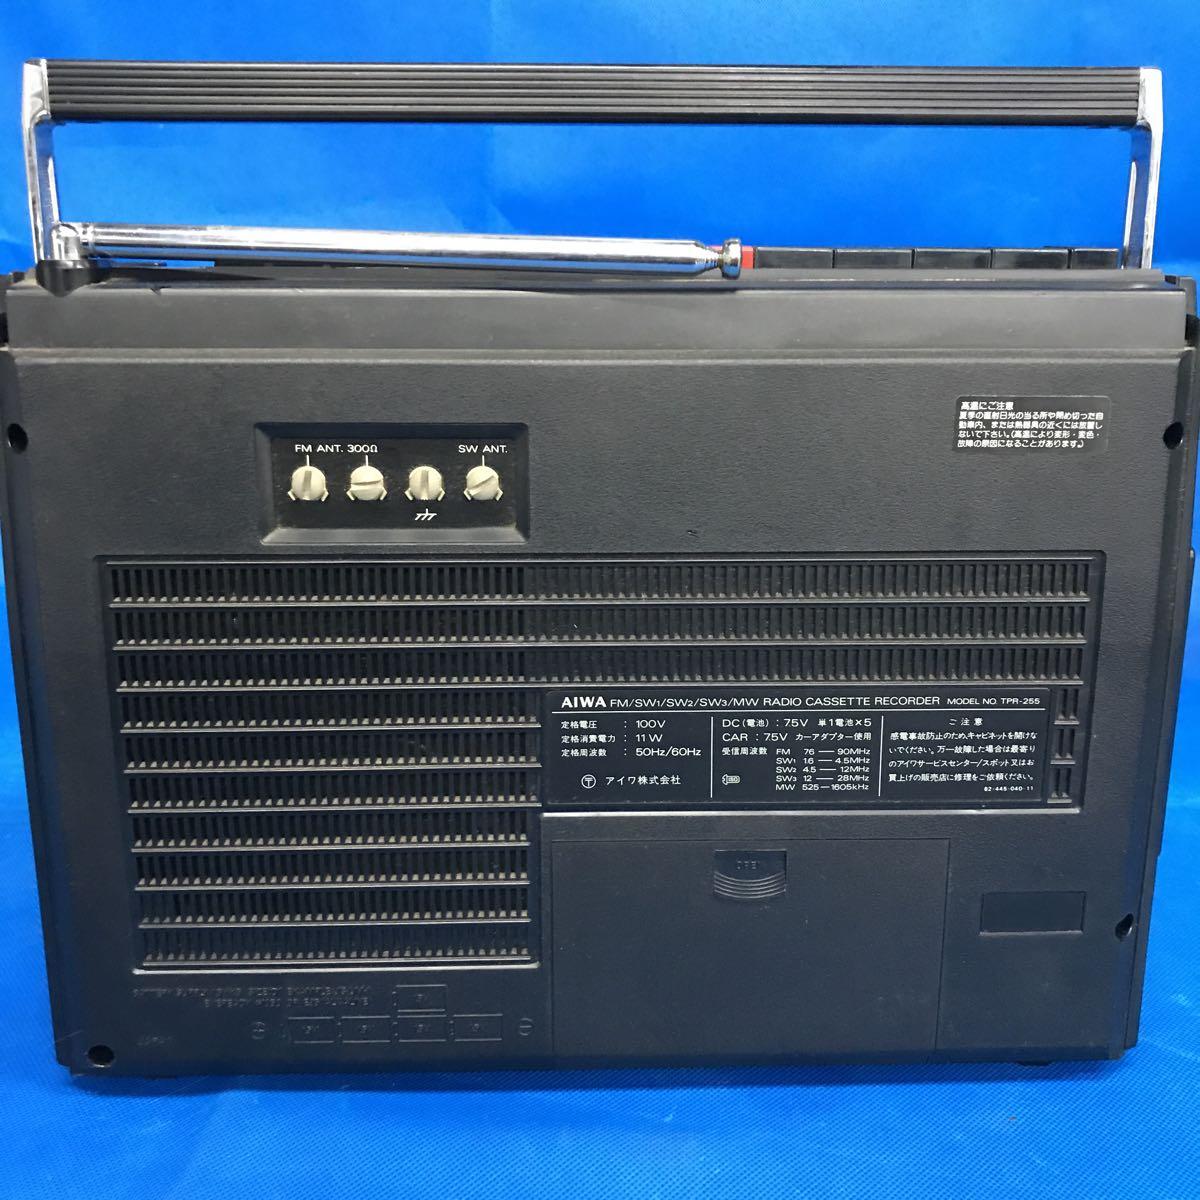 AIWA/アイワ 5バンド ラジオカセットレコーダー BCLレコーダー TPR-255 電源コード付き 【ジャンク品/現状渡し/部品取り/修理前提】_画像5